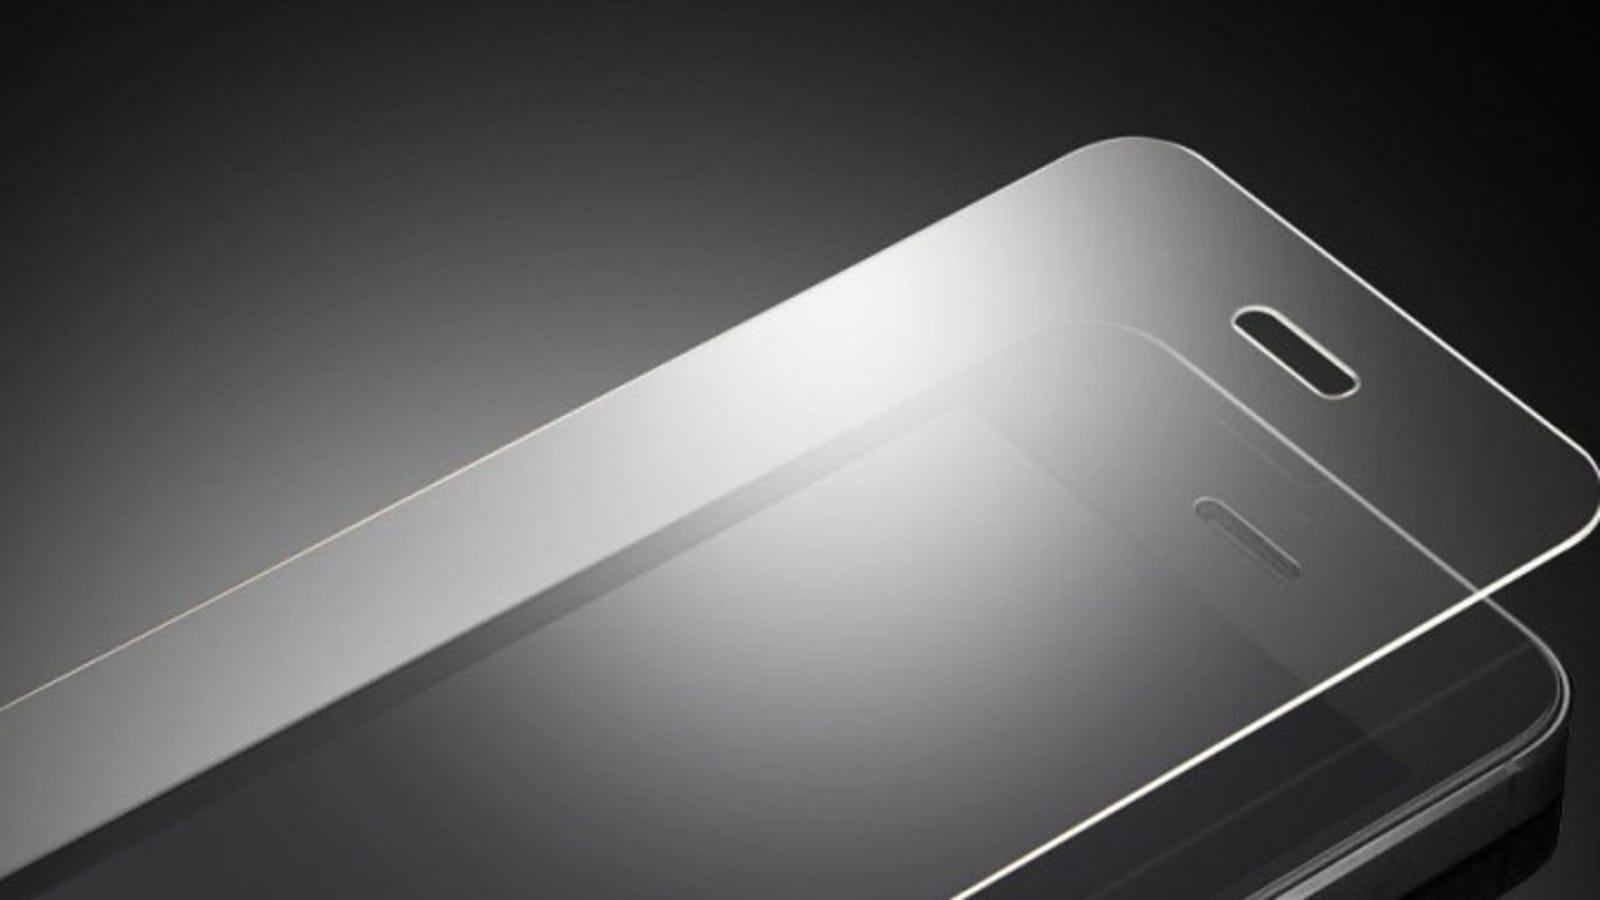 Qué es el cristal de zafiro, y por qué Apple lo quiere en el iPhone